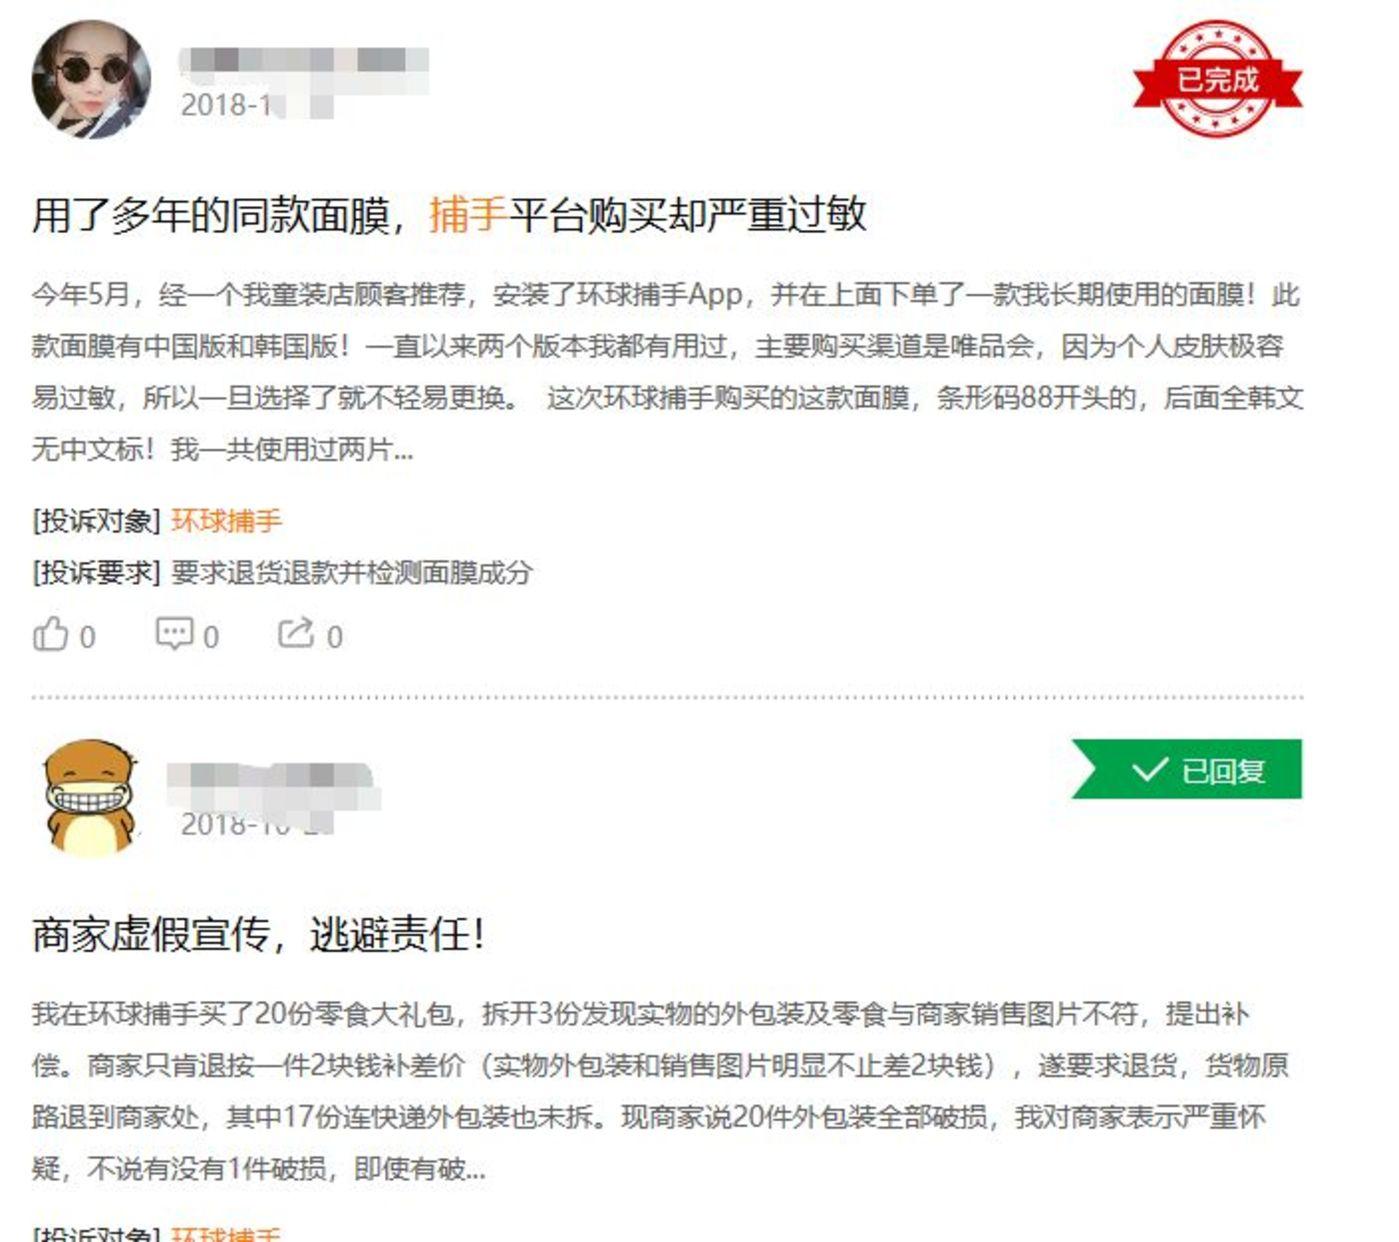 """隐秘微商平台环球捕手:""""疯狂销量""""背后的重重迷雾"""